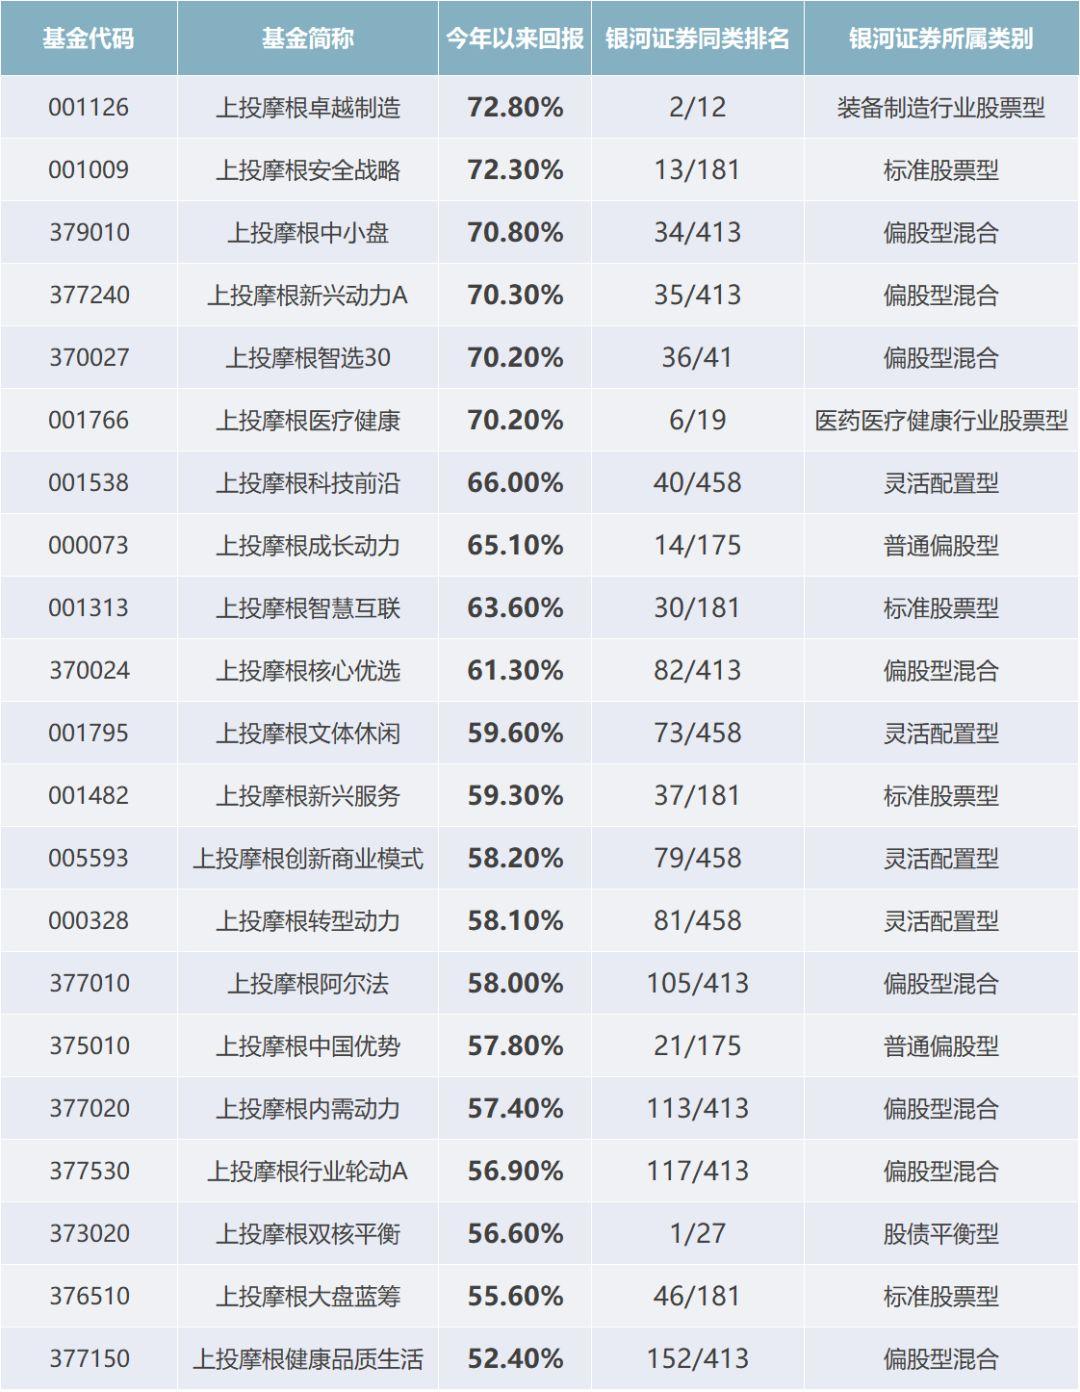 实力创佳绩!上投摩根晒2019成绩单:权益平均收益超60%,海外平均收益超20%